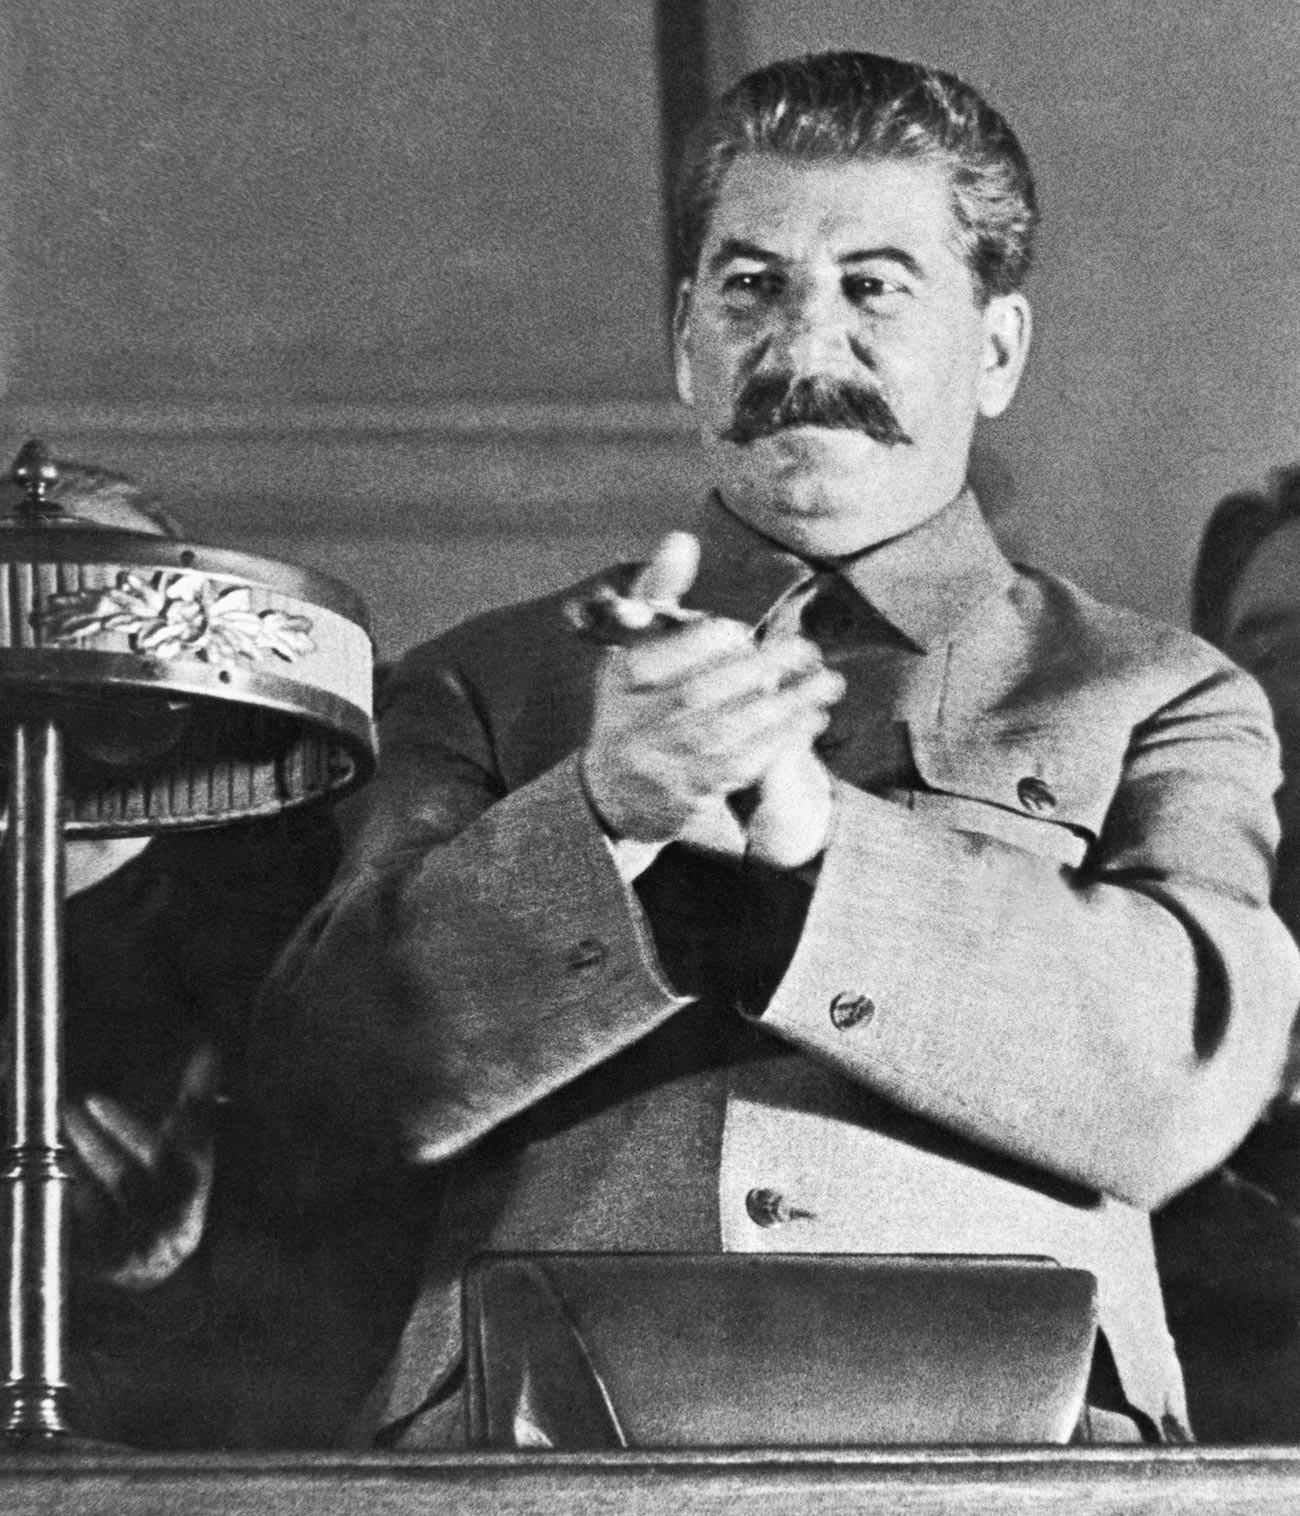 Самая любопытная версия: Сталин назвал себя Сталиным в честь либерального журналиста Евгения Сталинского.